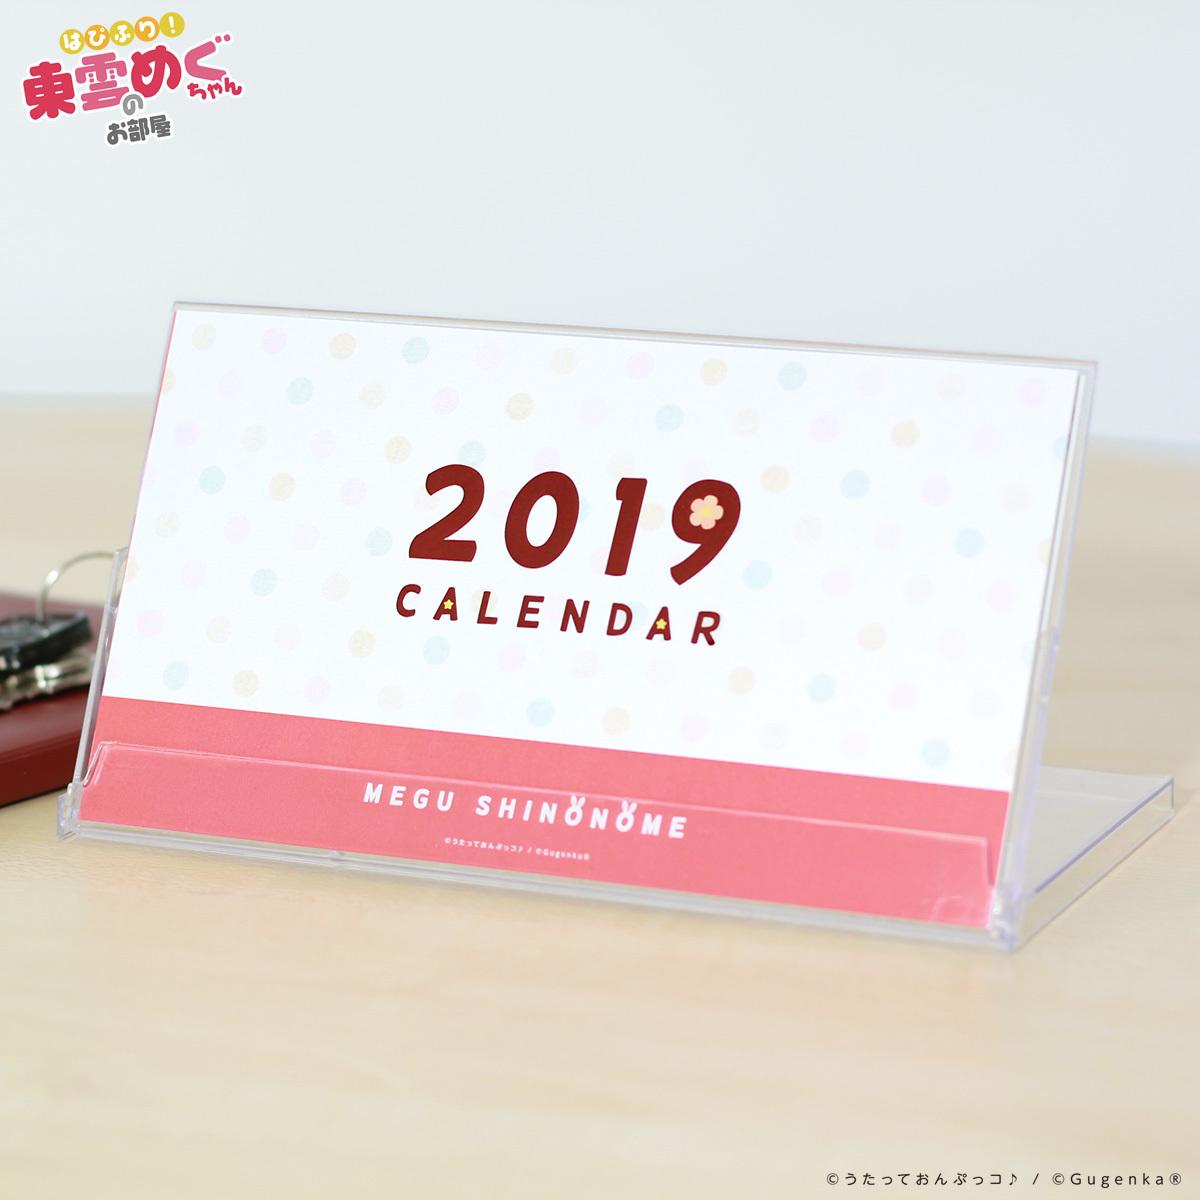 東雲めぐ 2019年 卓上カレンダー【2次受注分】